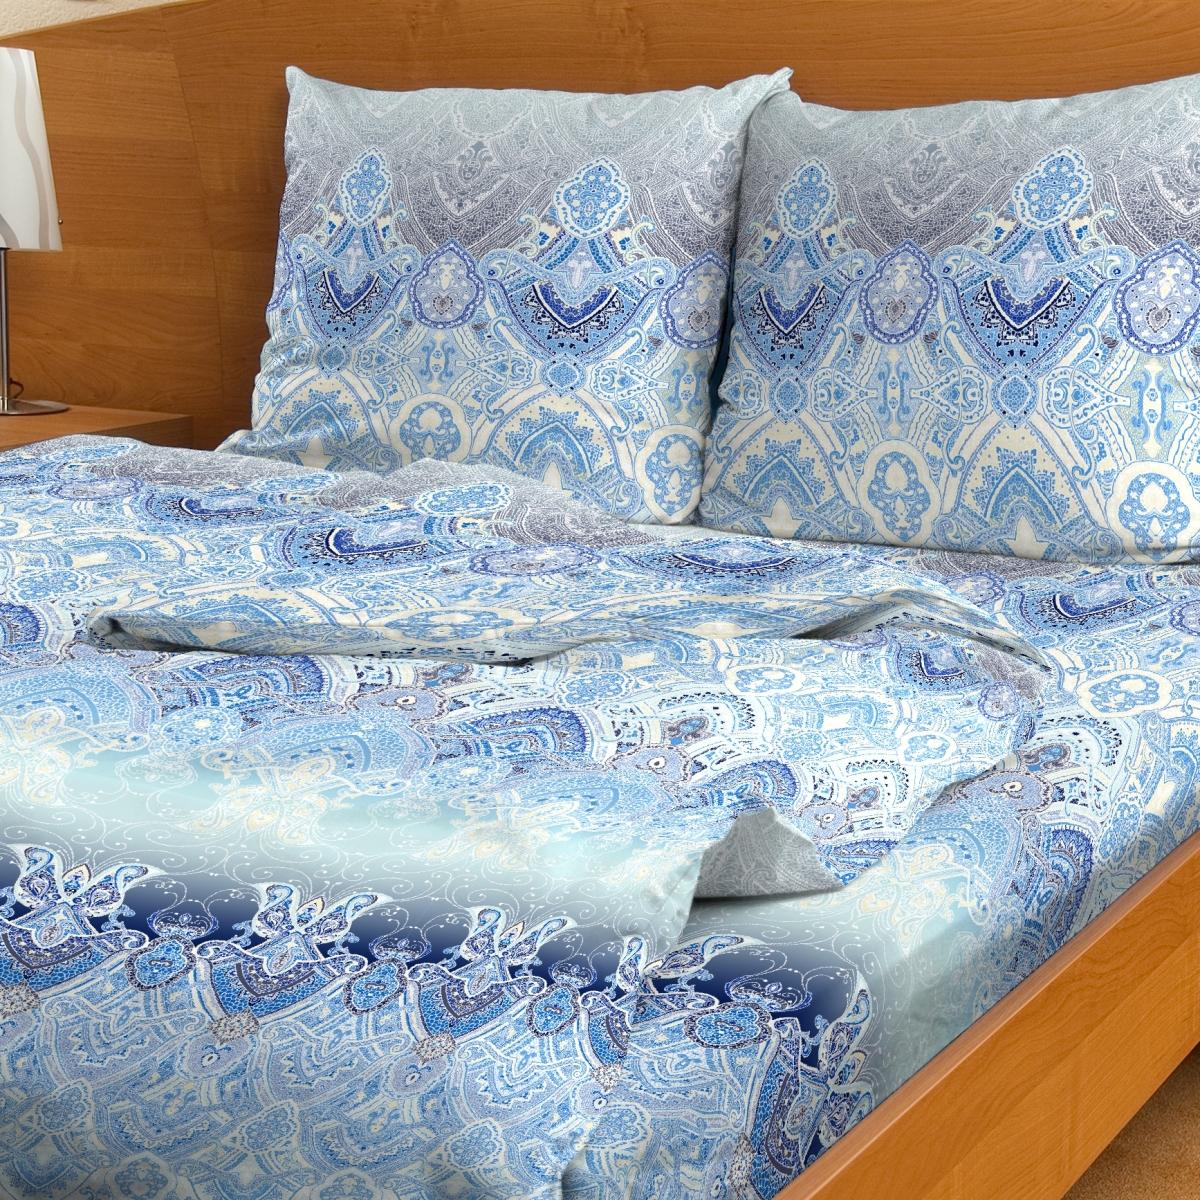 Комплект белья Letto, евро, наволочки 70x70, цвет: голубойB98-6Серия Letto Традиция выполнена из классической российской бязи, привычной для большинства российских покупательниц. Ткань плотная (125гр/м), используются современные устойчивые красители. Традиционная российская бязь выгодно отличается от импортных аналогов по цене, при том, что сама ткань и толще, меньше сминается и служит намного дольше. Рекомендуется перед первым использованием постирать, но не пересушивать. Применение кондиционера при стирке сделает такое постельное белье мягче и комфортней. Пододеяльник на молнии. Обращаем внимание, что расцветка наволочек может отличаться от представленной на фото.